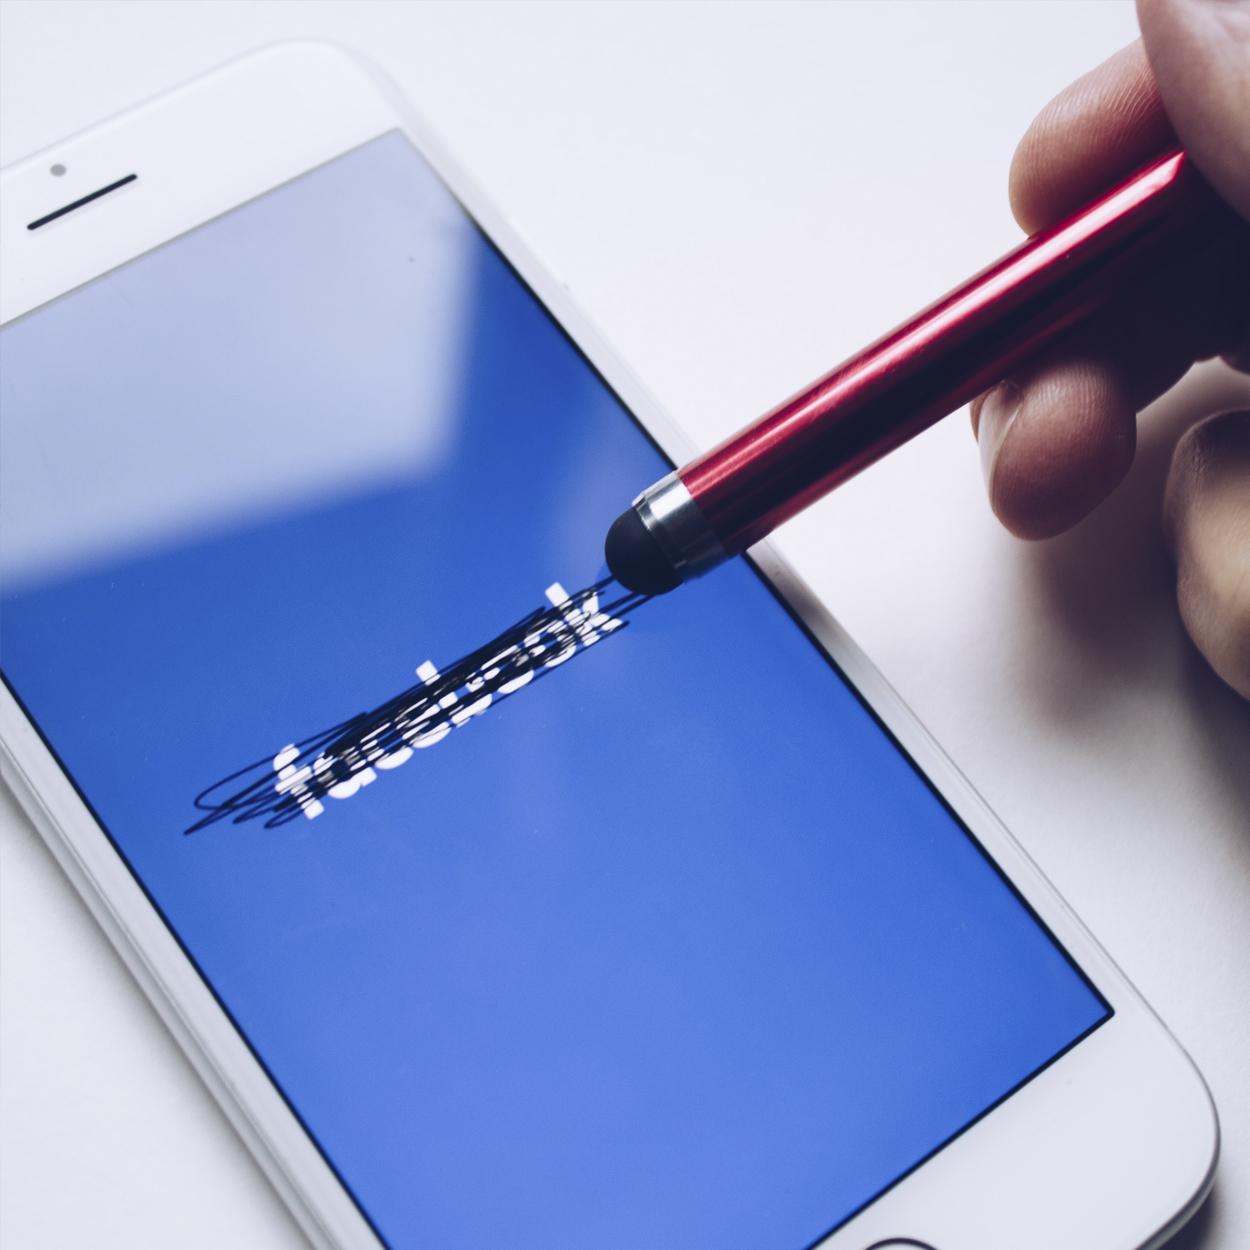 proteção de dados e privacidade em redes sociais